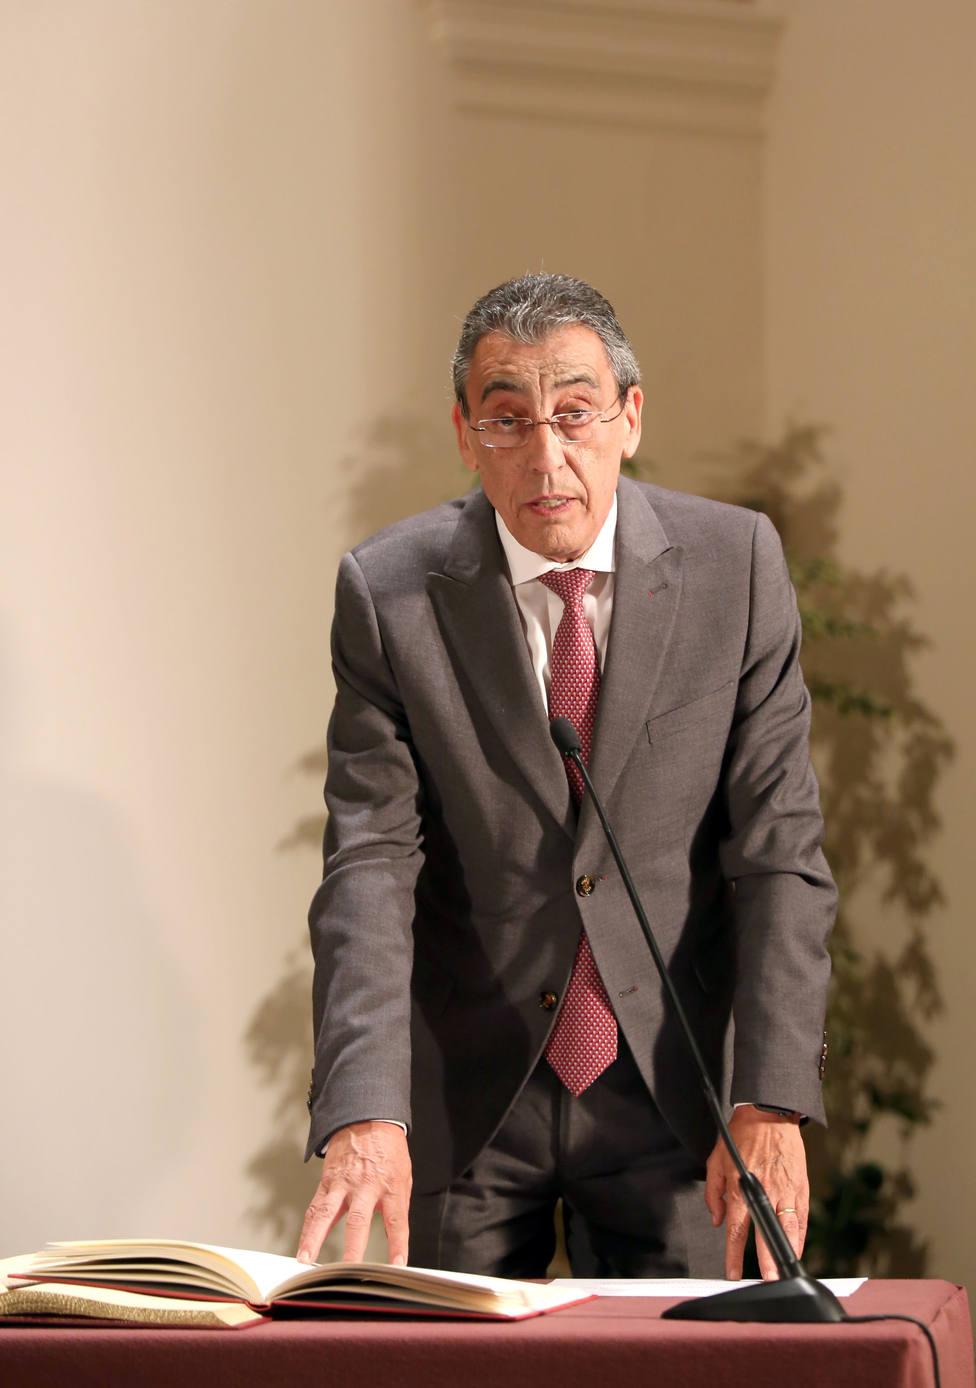 Bienvenido Mena toma posesión como director general de Innovación y Formación del Profesorado